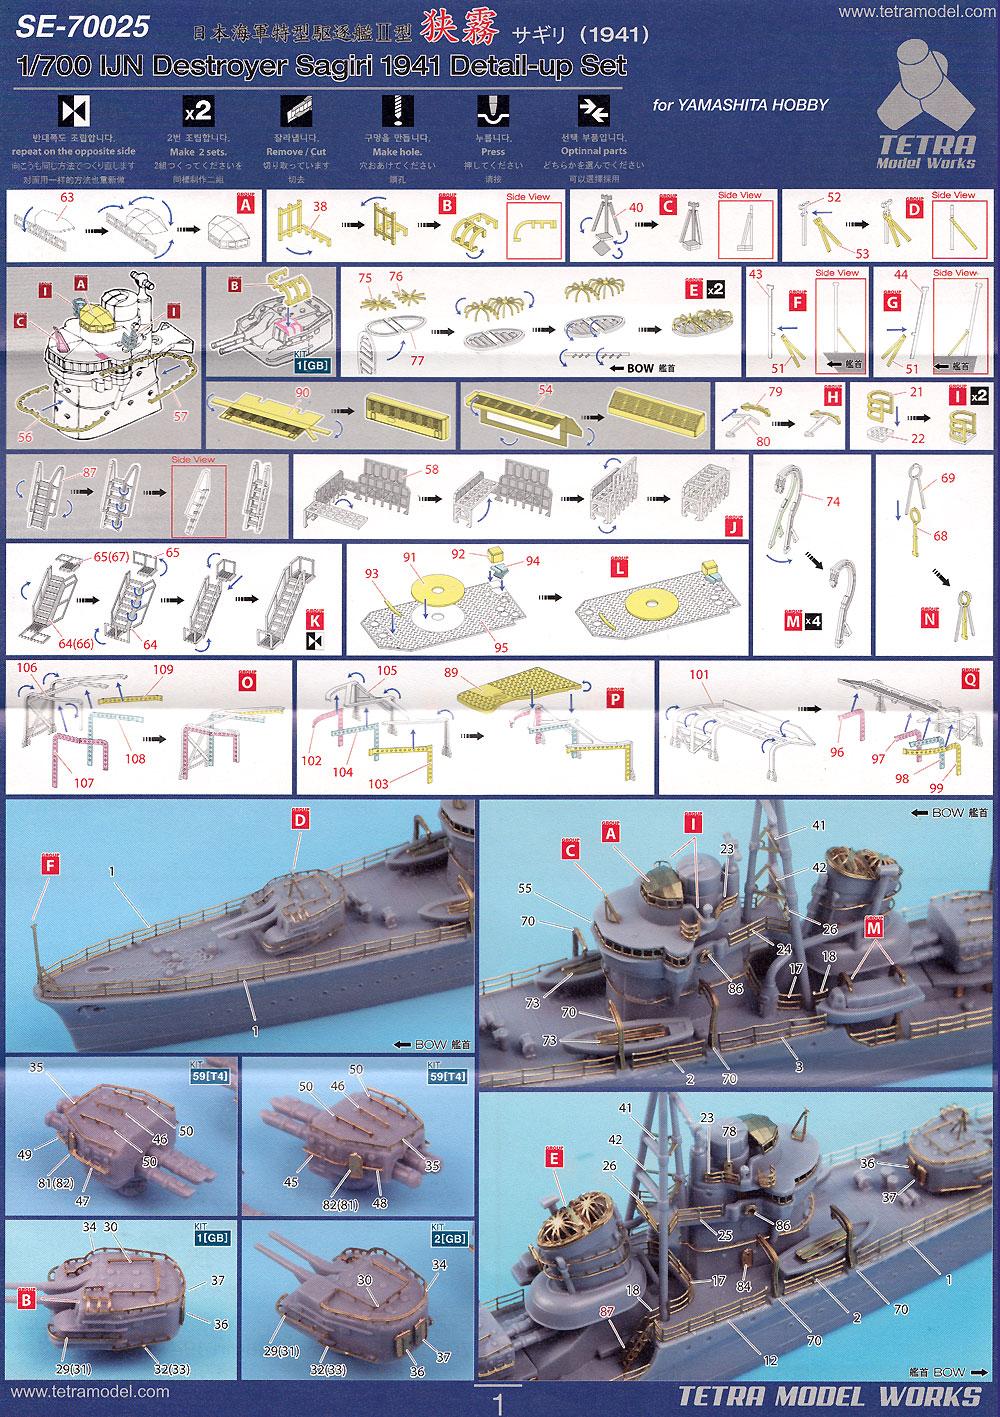 日本海軍 駆逐艦 狭霧 1941 ディテールアップセット (ヤマシタホビー用)エッチング(テトラモデルワークス艦船 エッチングパーツNo.SE-70025)商品画像_2